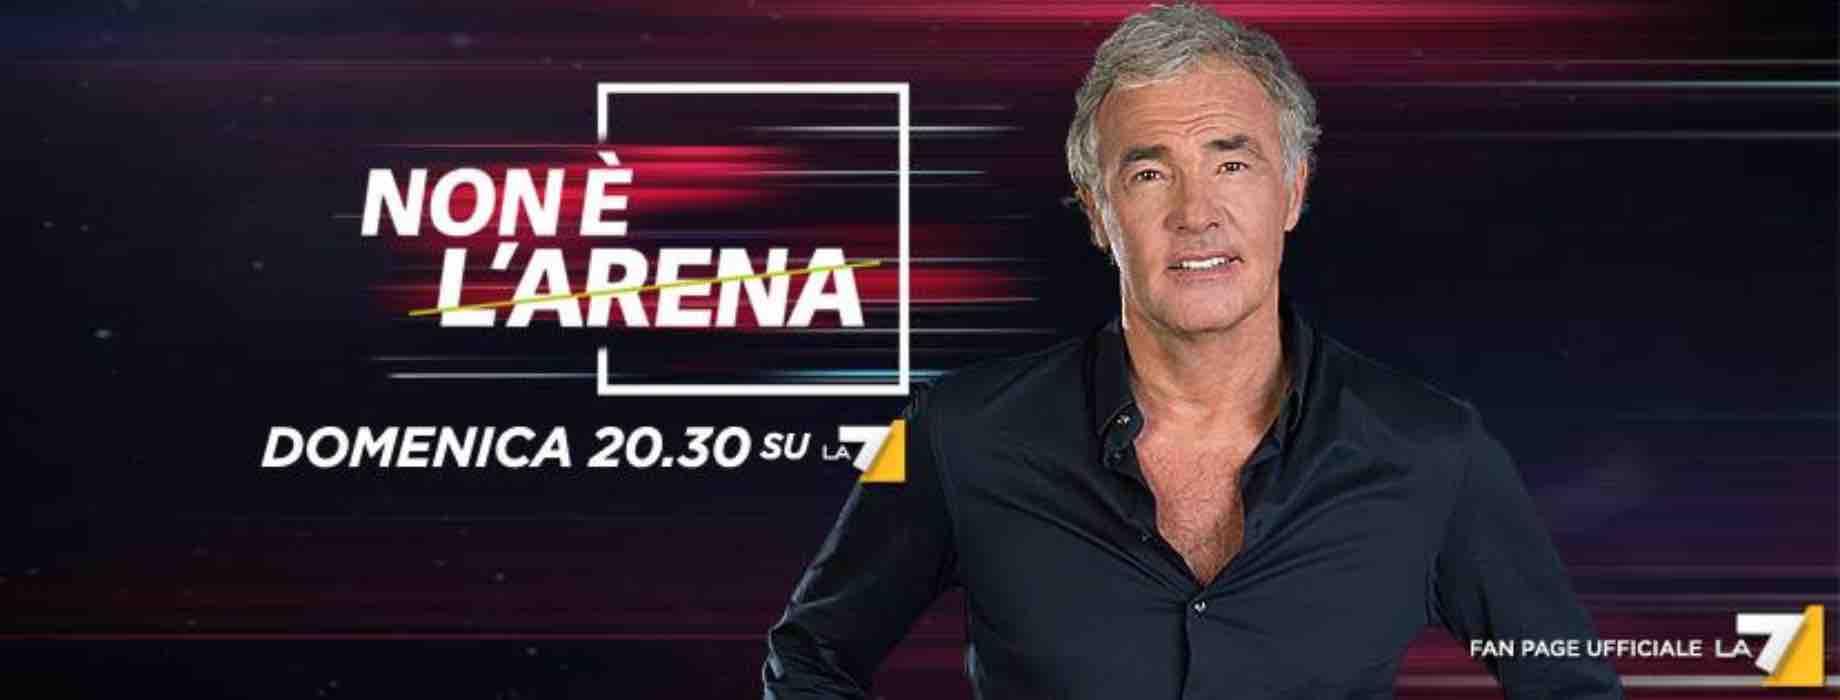 La 7, 'Non è l'arena' di Massimo Giletti stasera 14 aprile in tv: anticipazioni